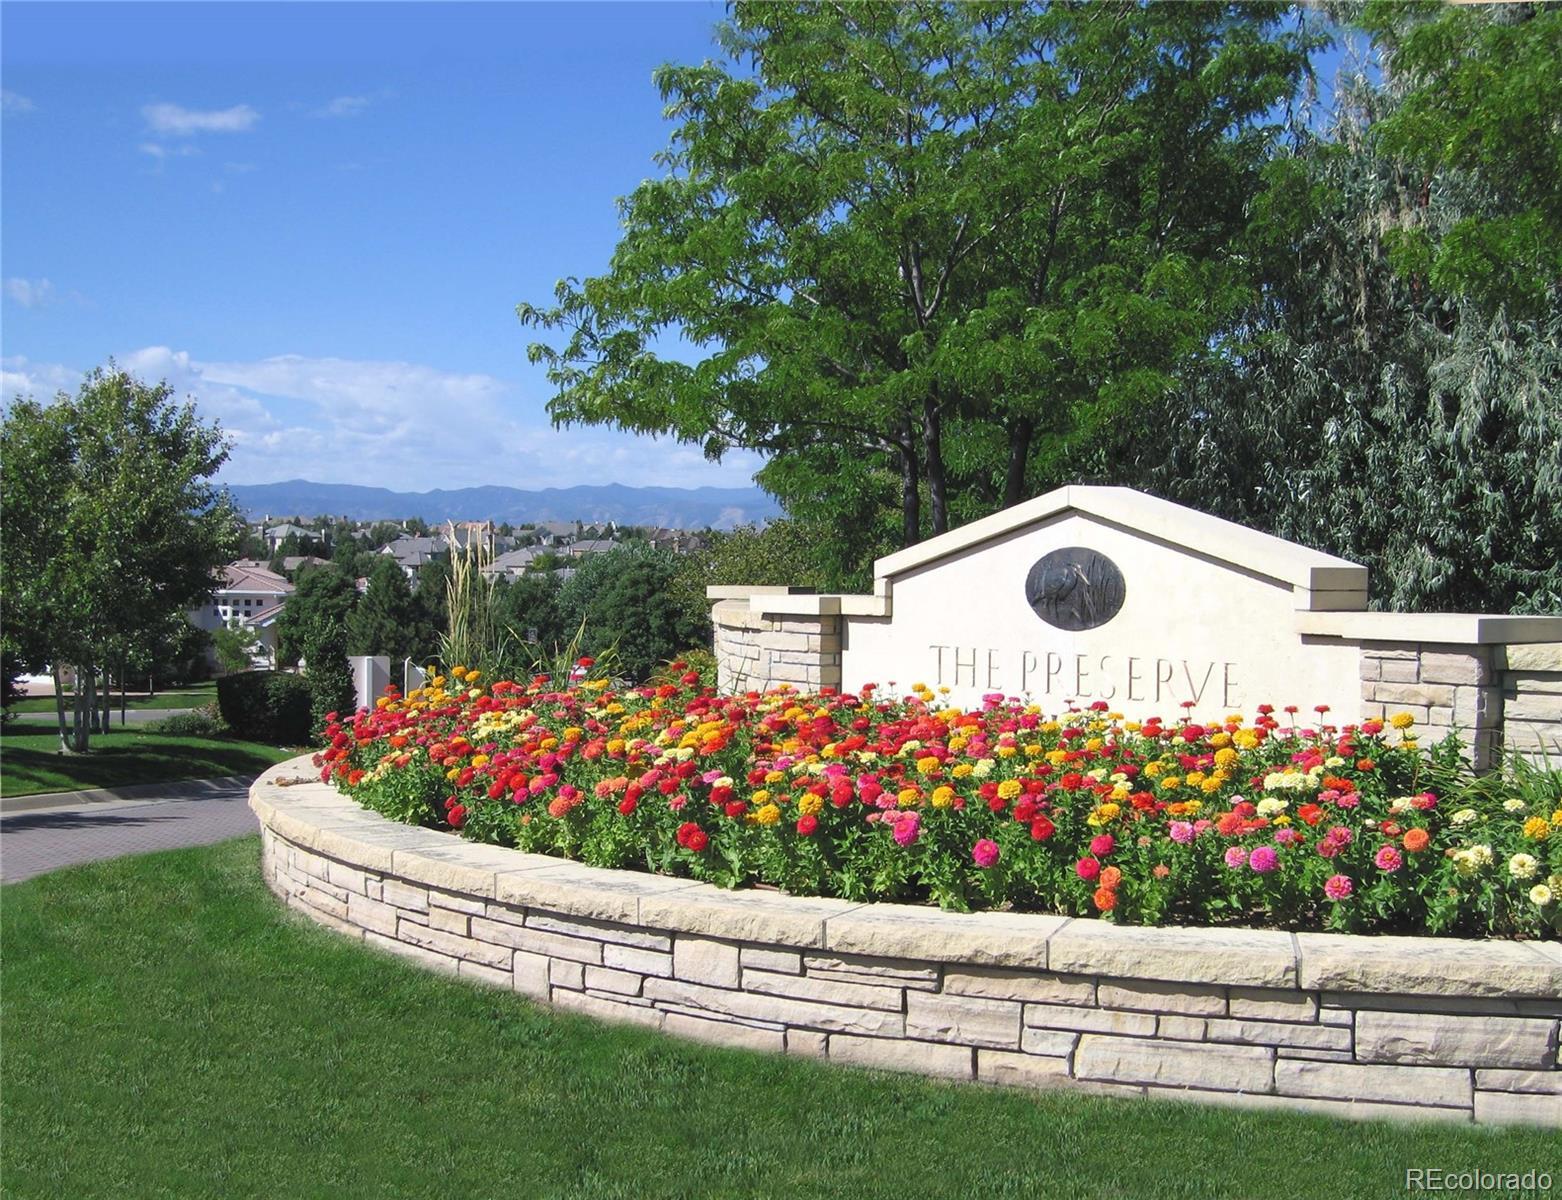 5595 PRESERVE Drive, Greenwood Village, CO 80121 - Greenwood Village, CO real estate listing